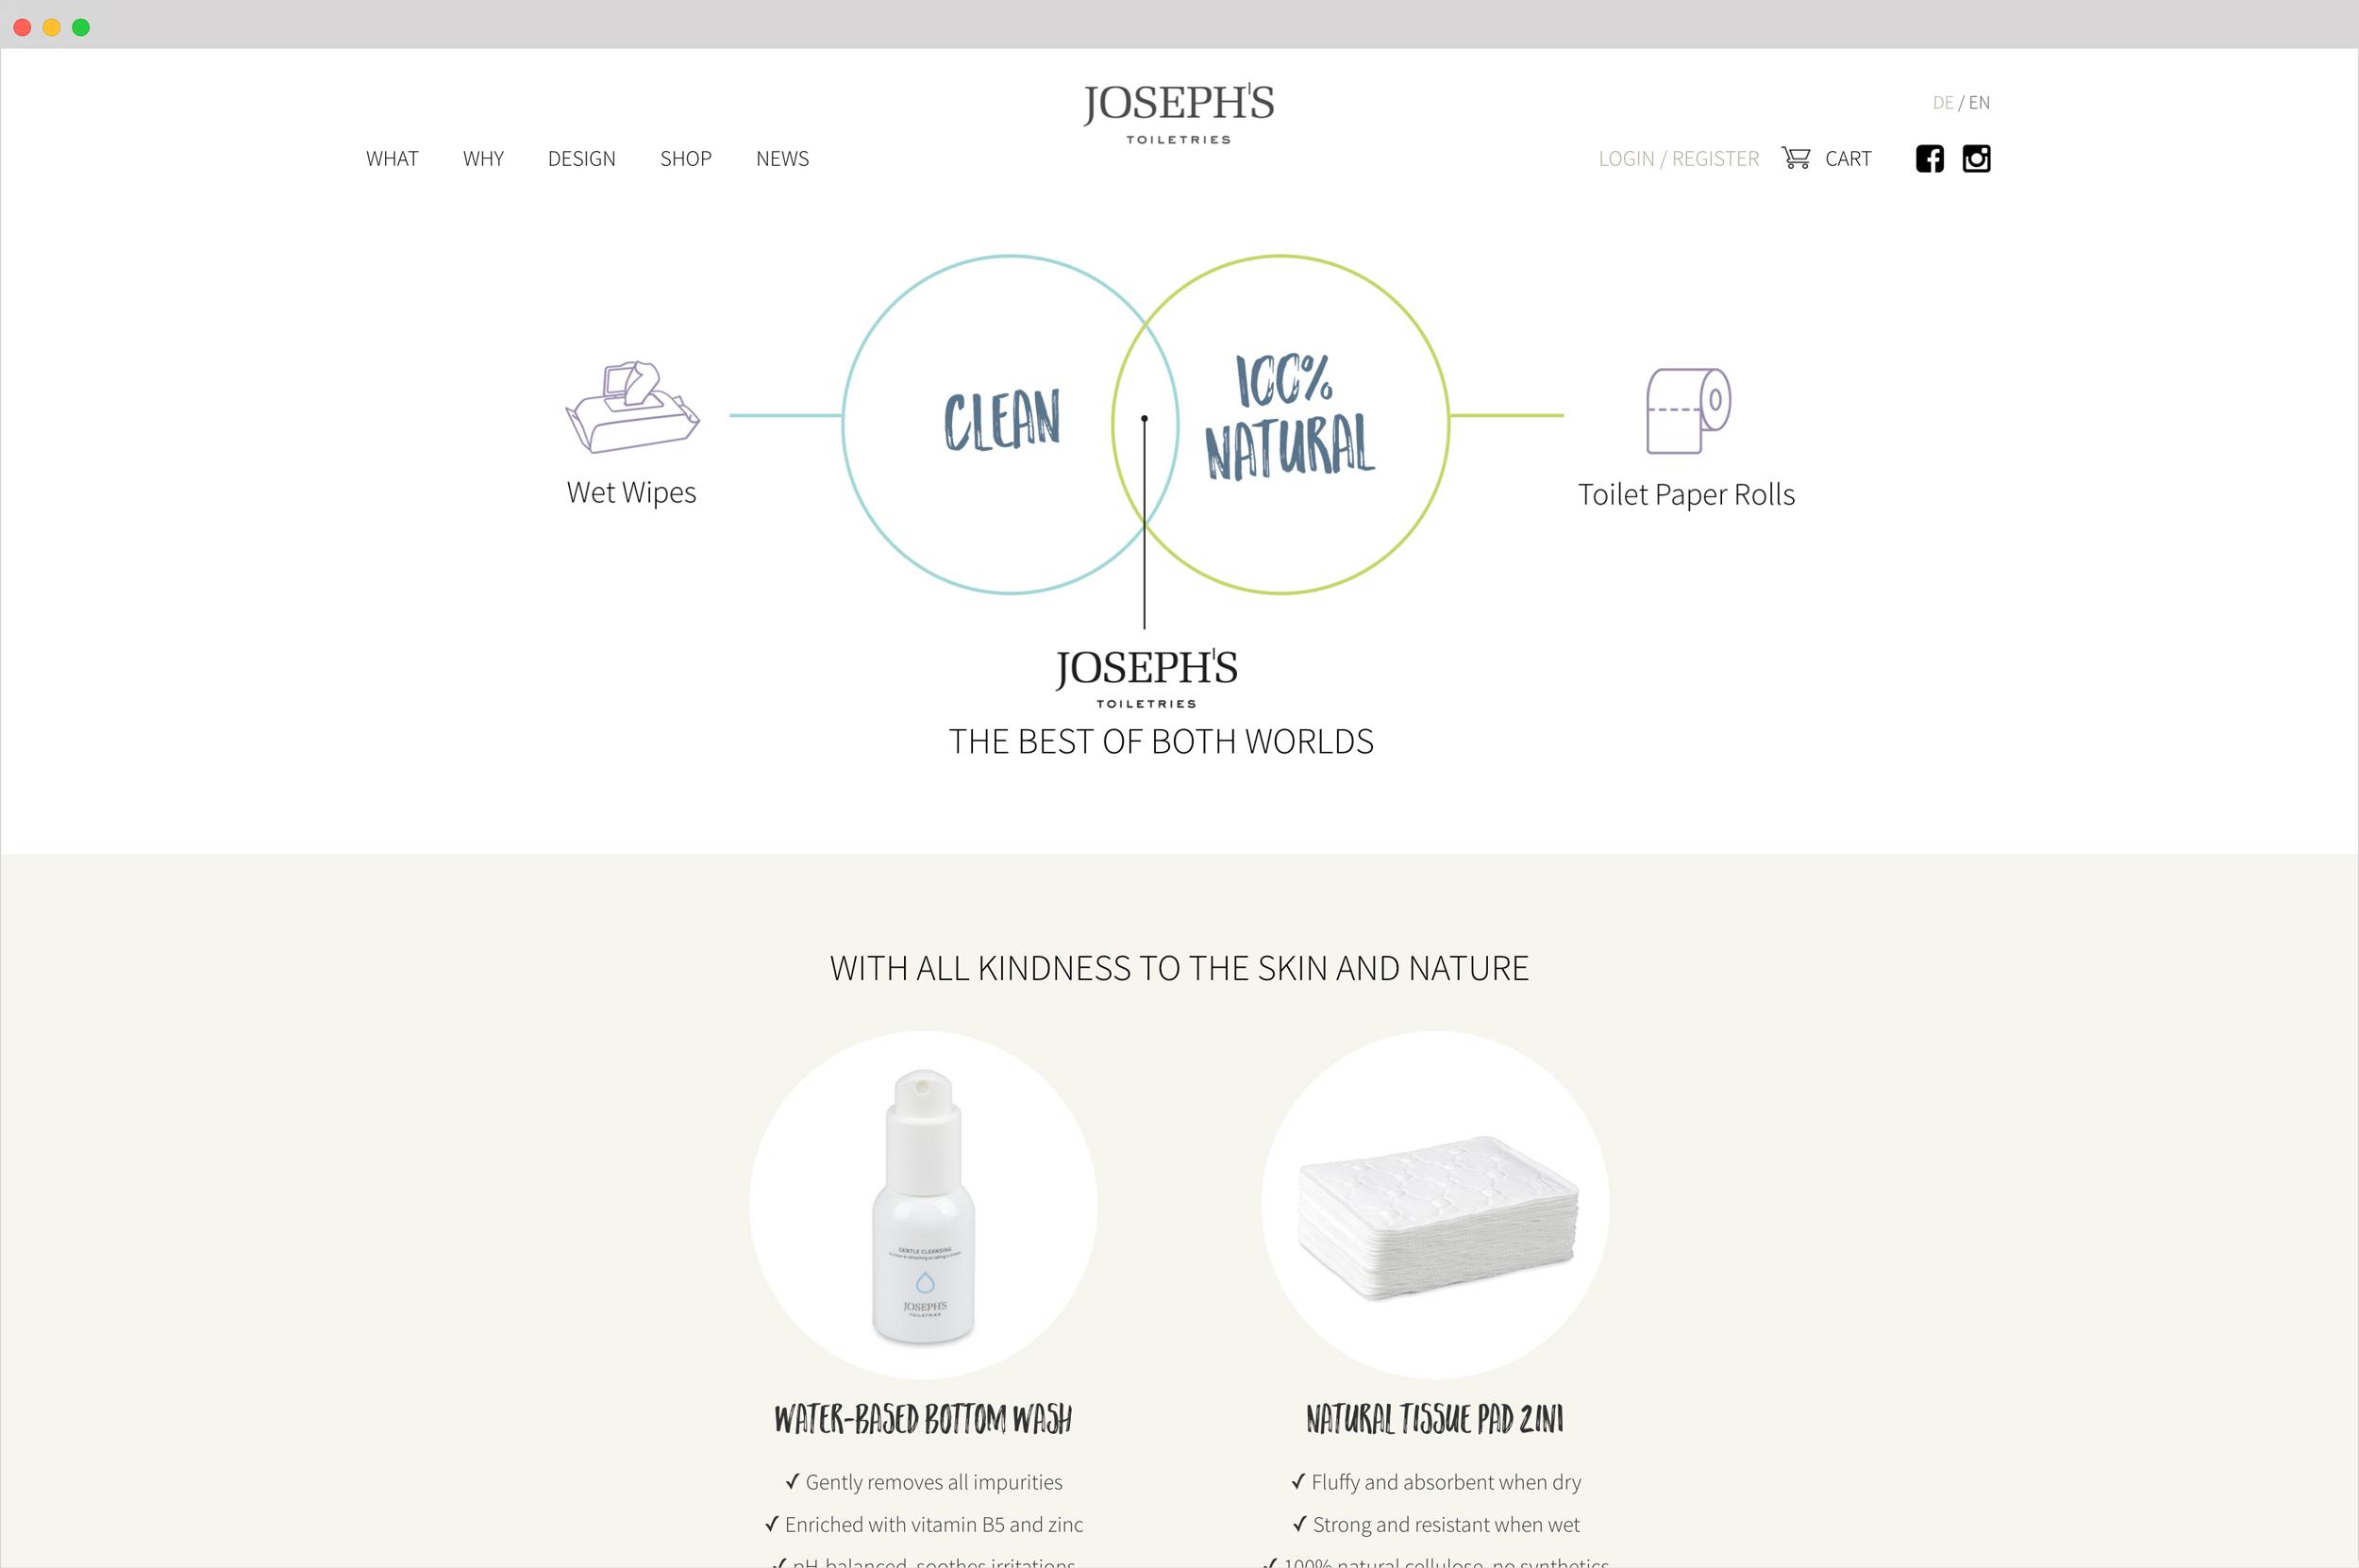 ....Durch feine Pastelltöne, eine Pinselschrift und viel Weissraum kommen Joseph's Produkte auch im Web schön zum Ausdruck...Fine pastels, brushstrokes and lots of whiteness make Joseph's products stand out on the web..... -